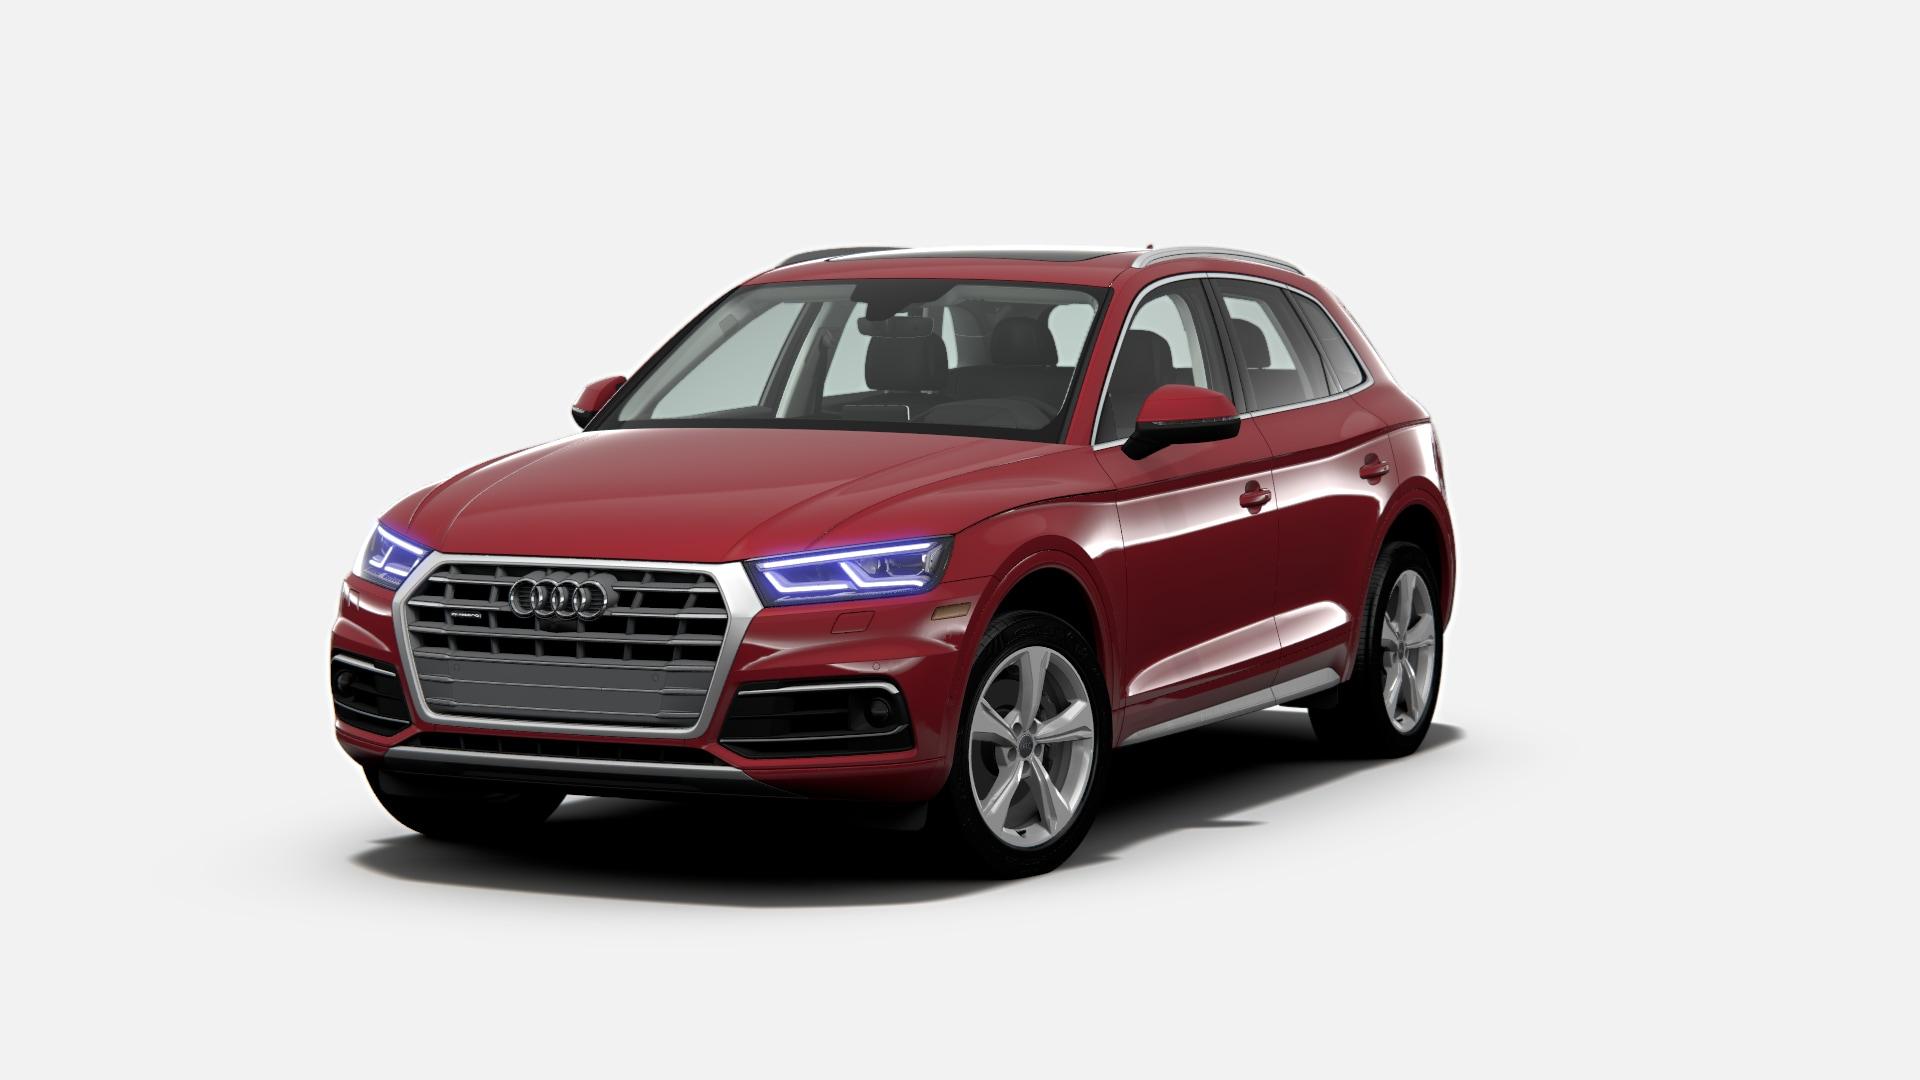 2020 Audi Q5 Trim Levels: Premium vs. Premium Plus vs ...